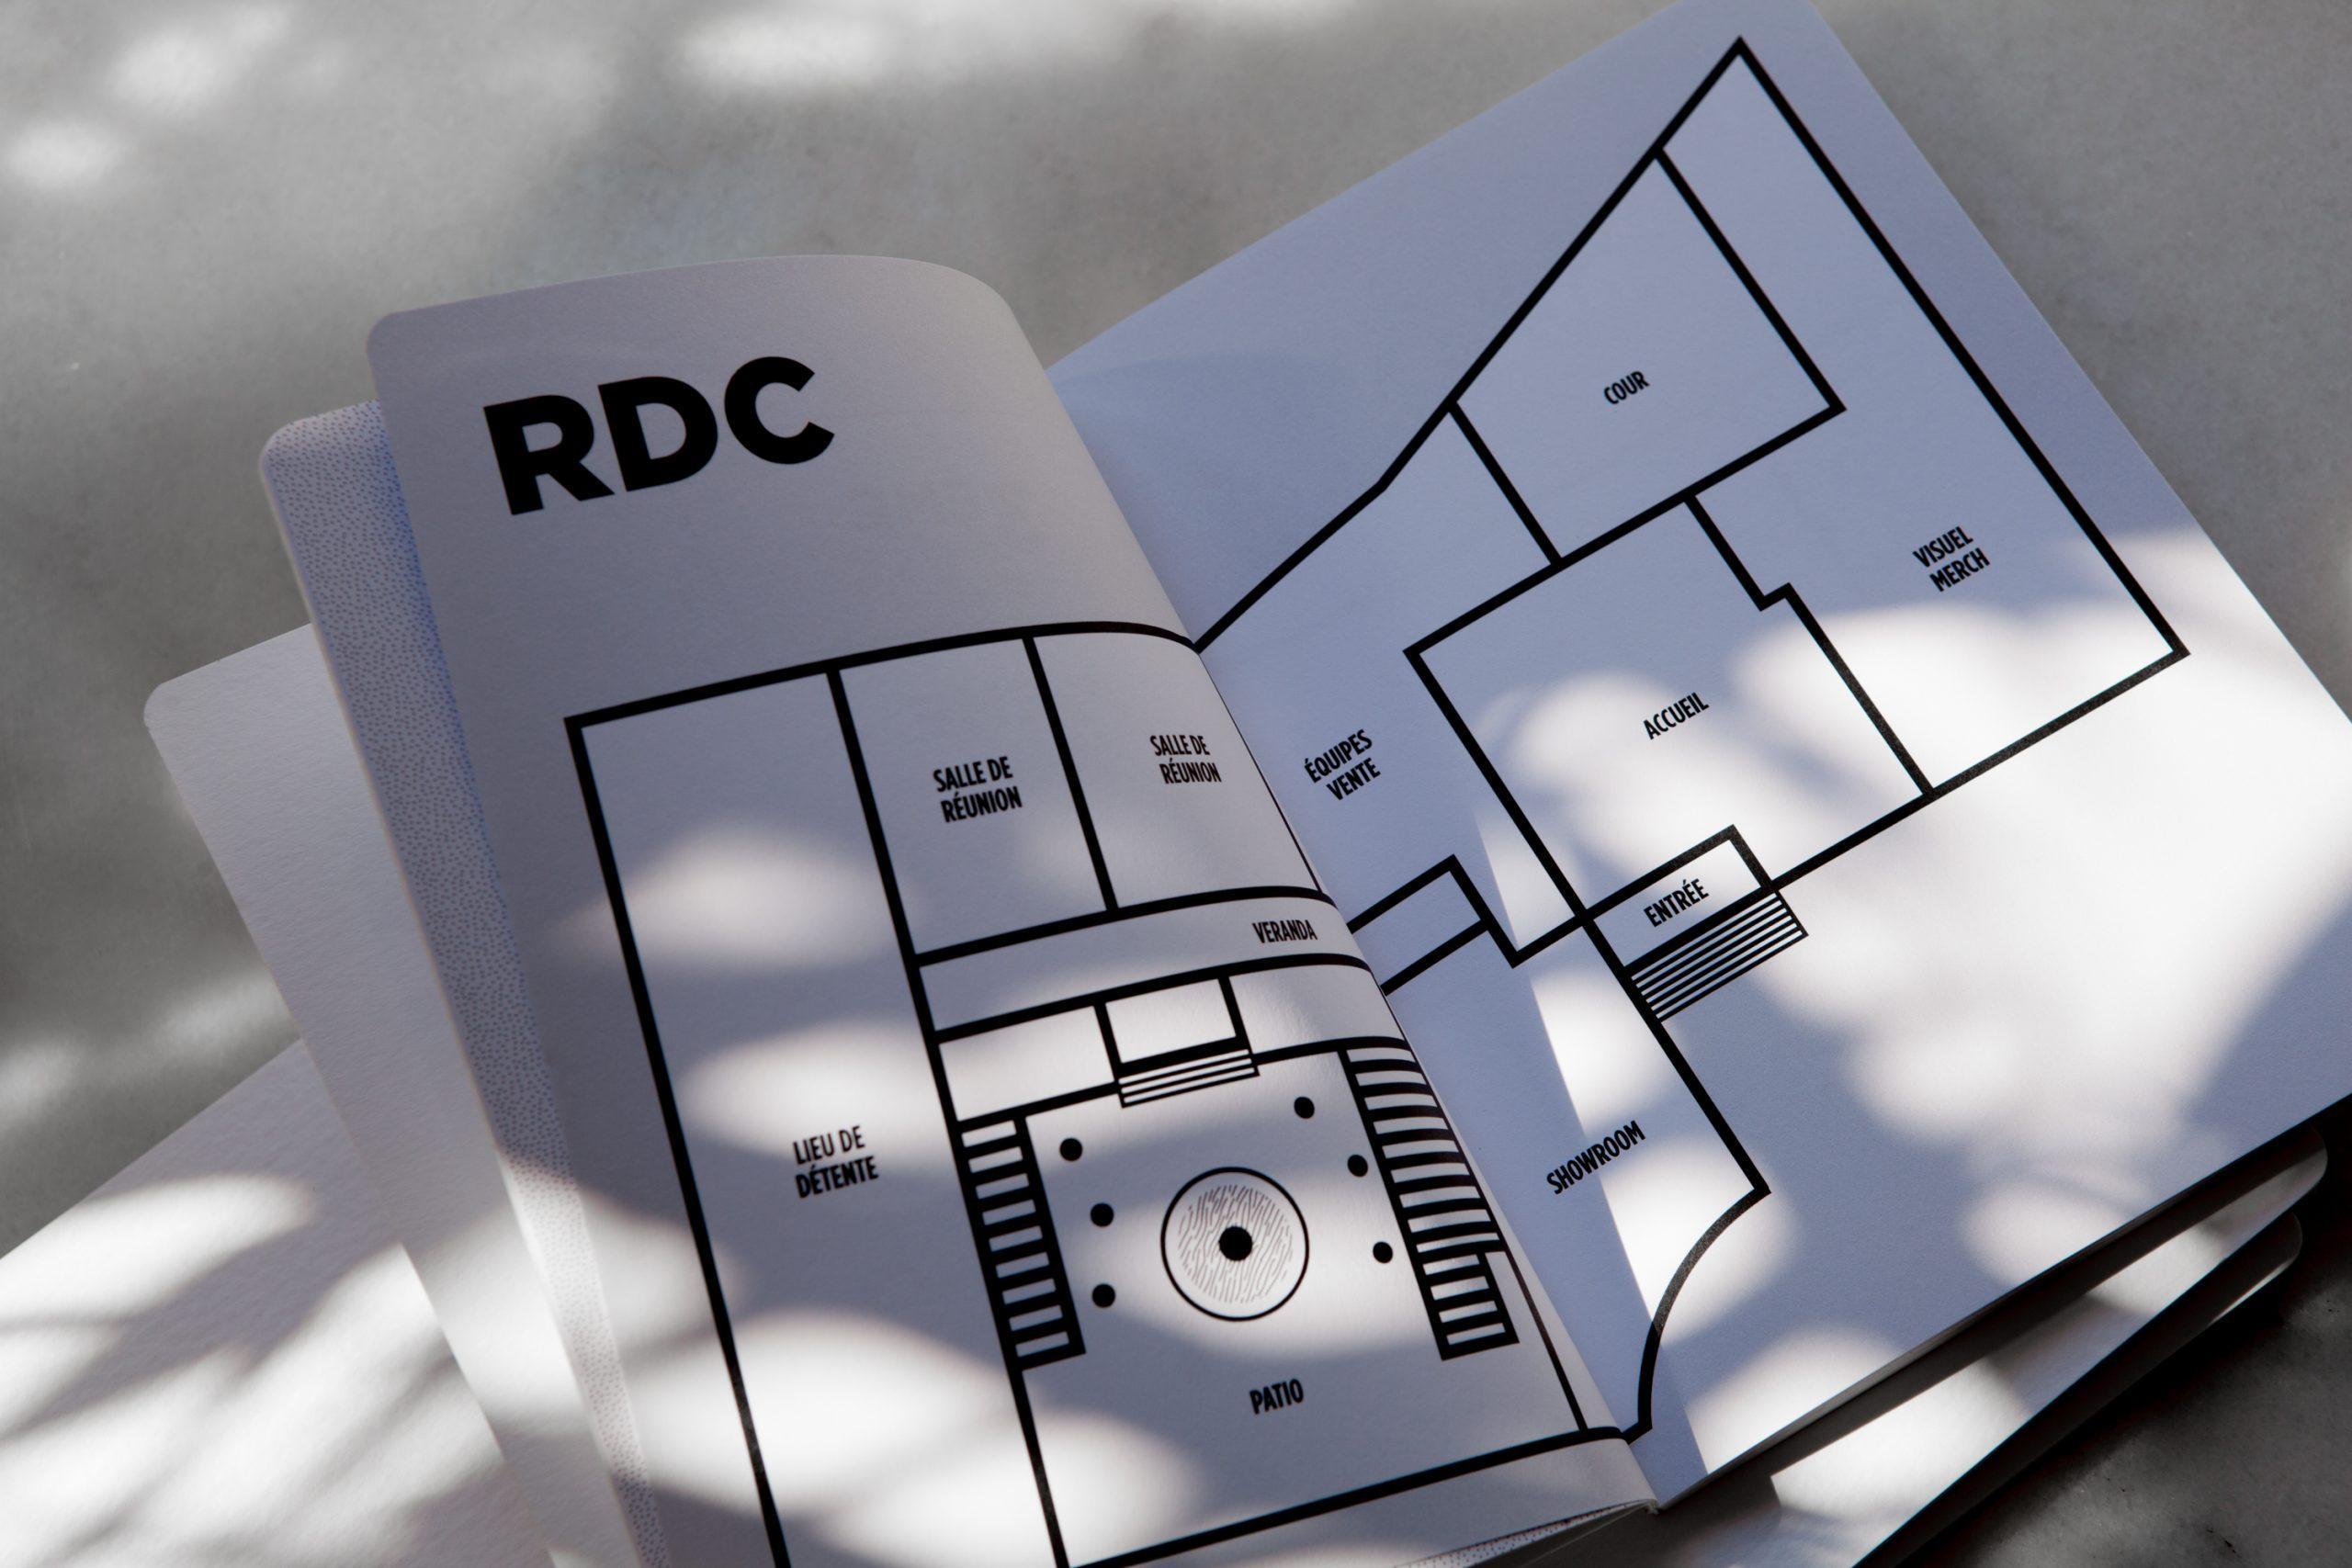 plan RDC nouveau collaborateur Sandro